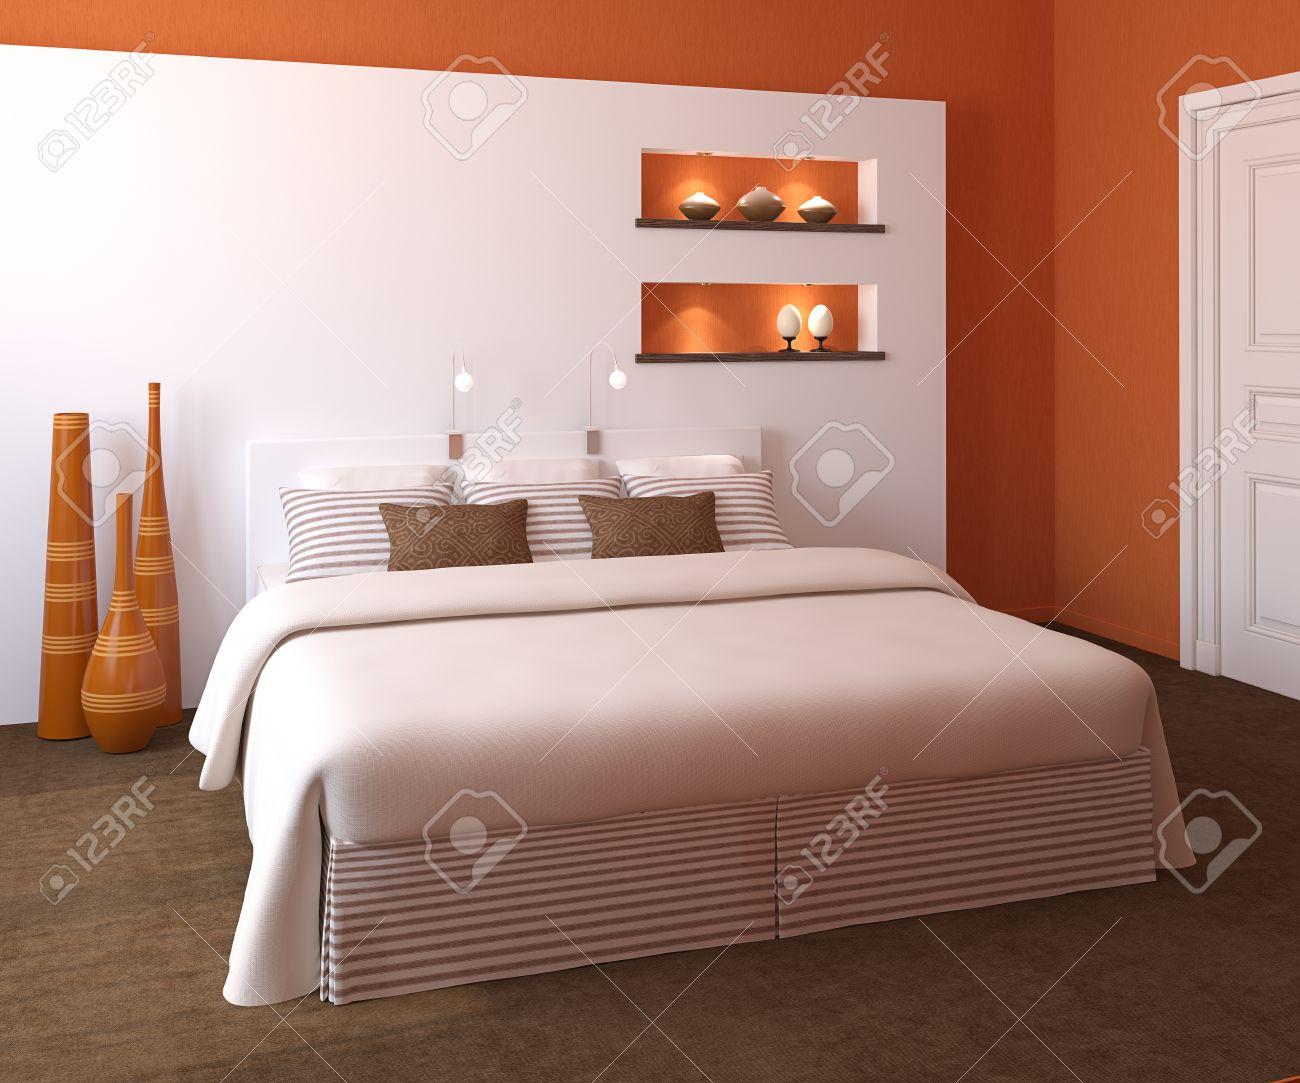 Pareti Colore Arancione : Camera da letto interni moderno con pareti color arancio e letto